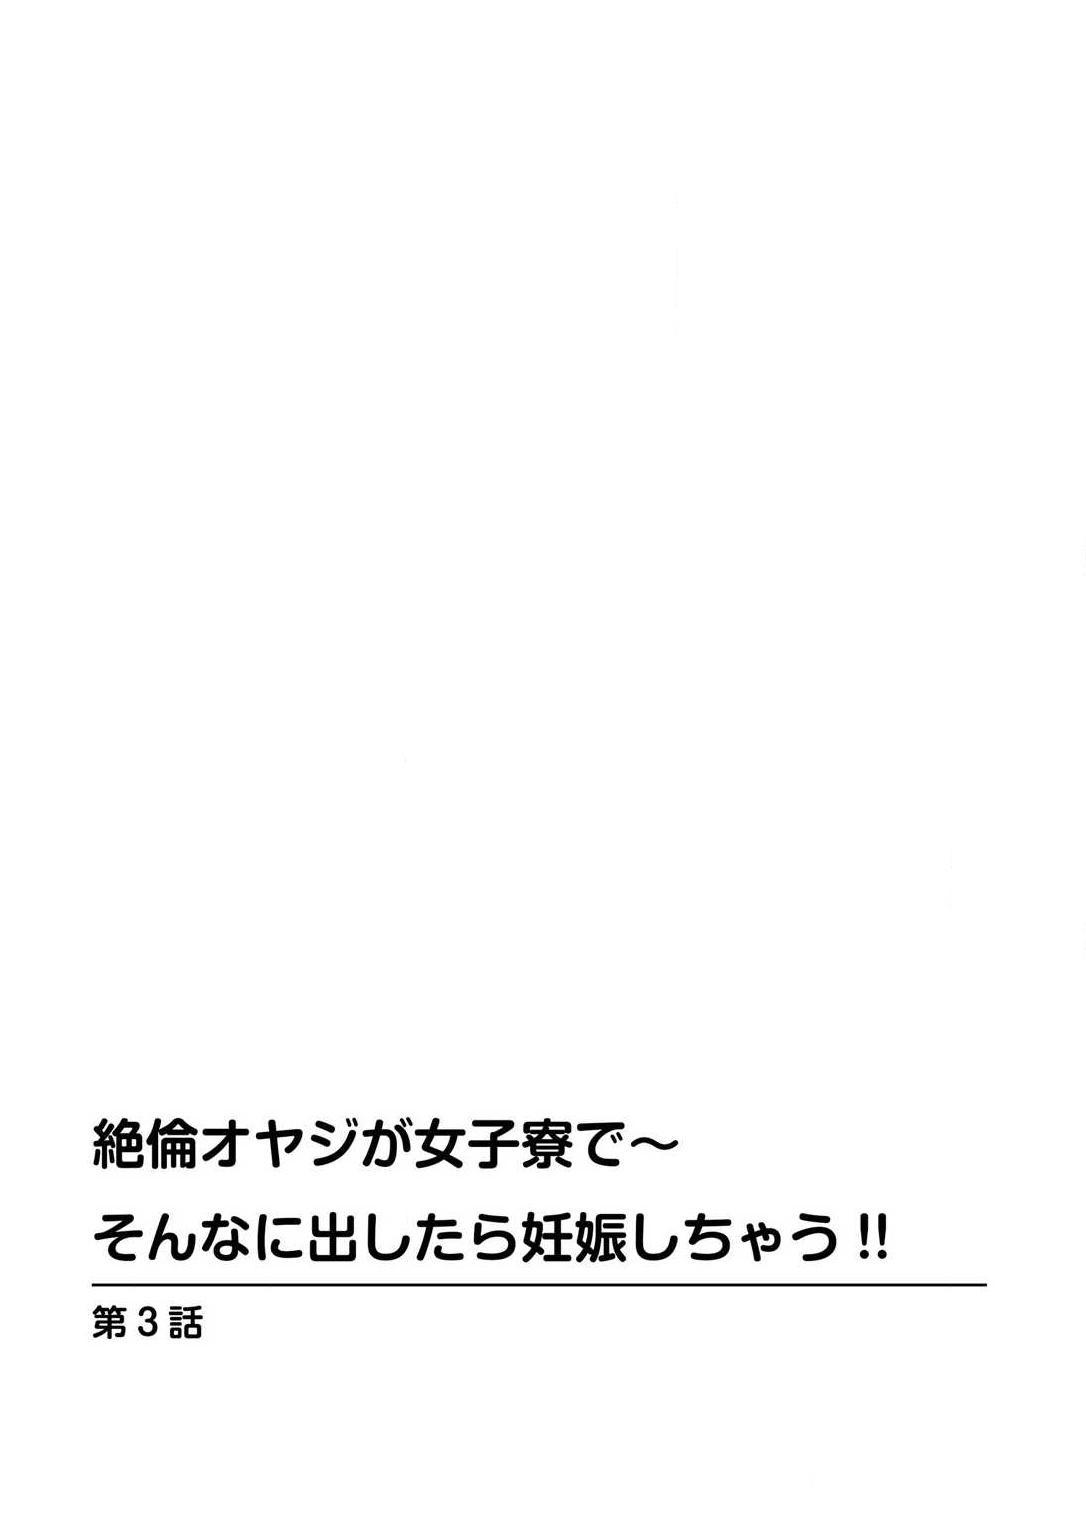 Zetsurin Oyaji ga Joshiryou de ~Sonna ni Dashitara Ninshin shichau!! 1 61